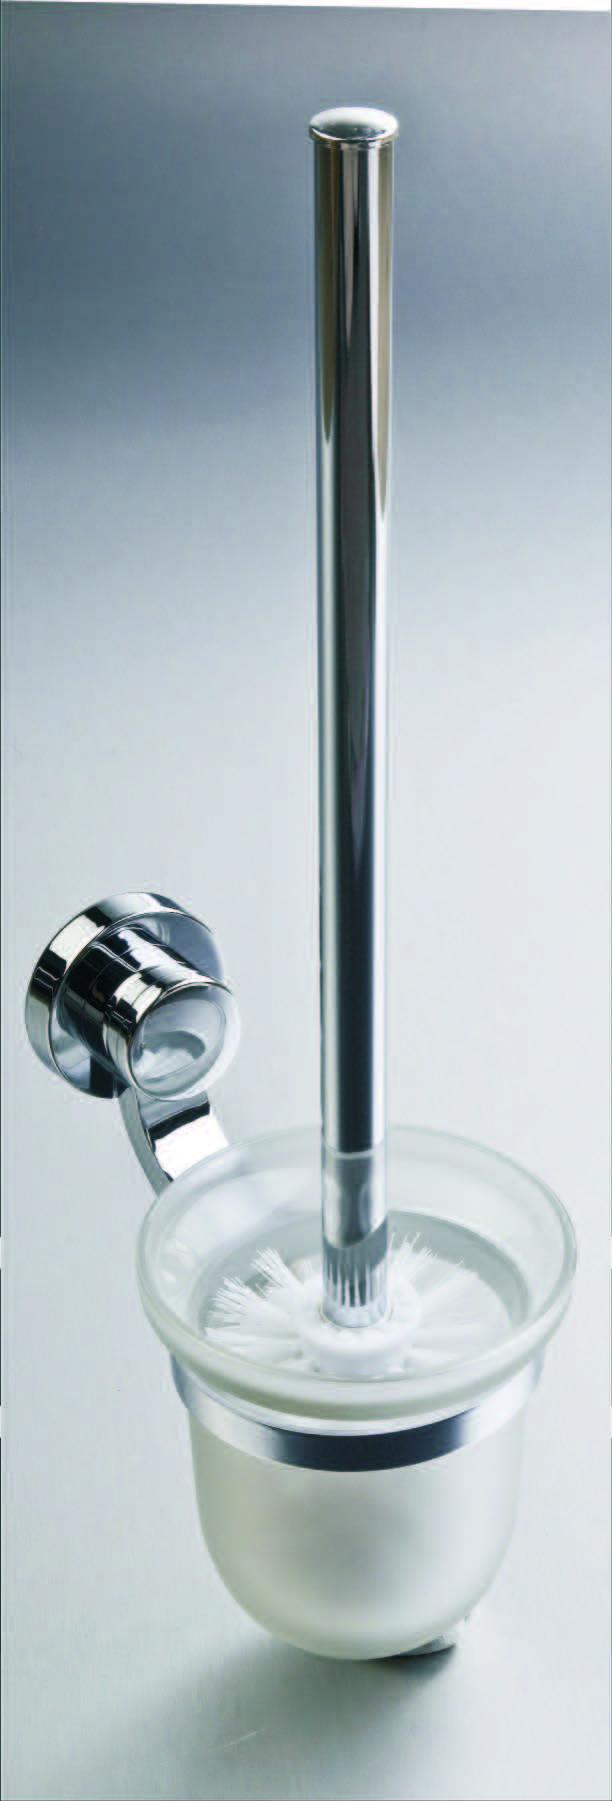 CC3137G-toilet-brush-holde